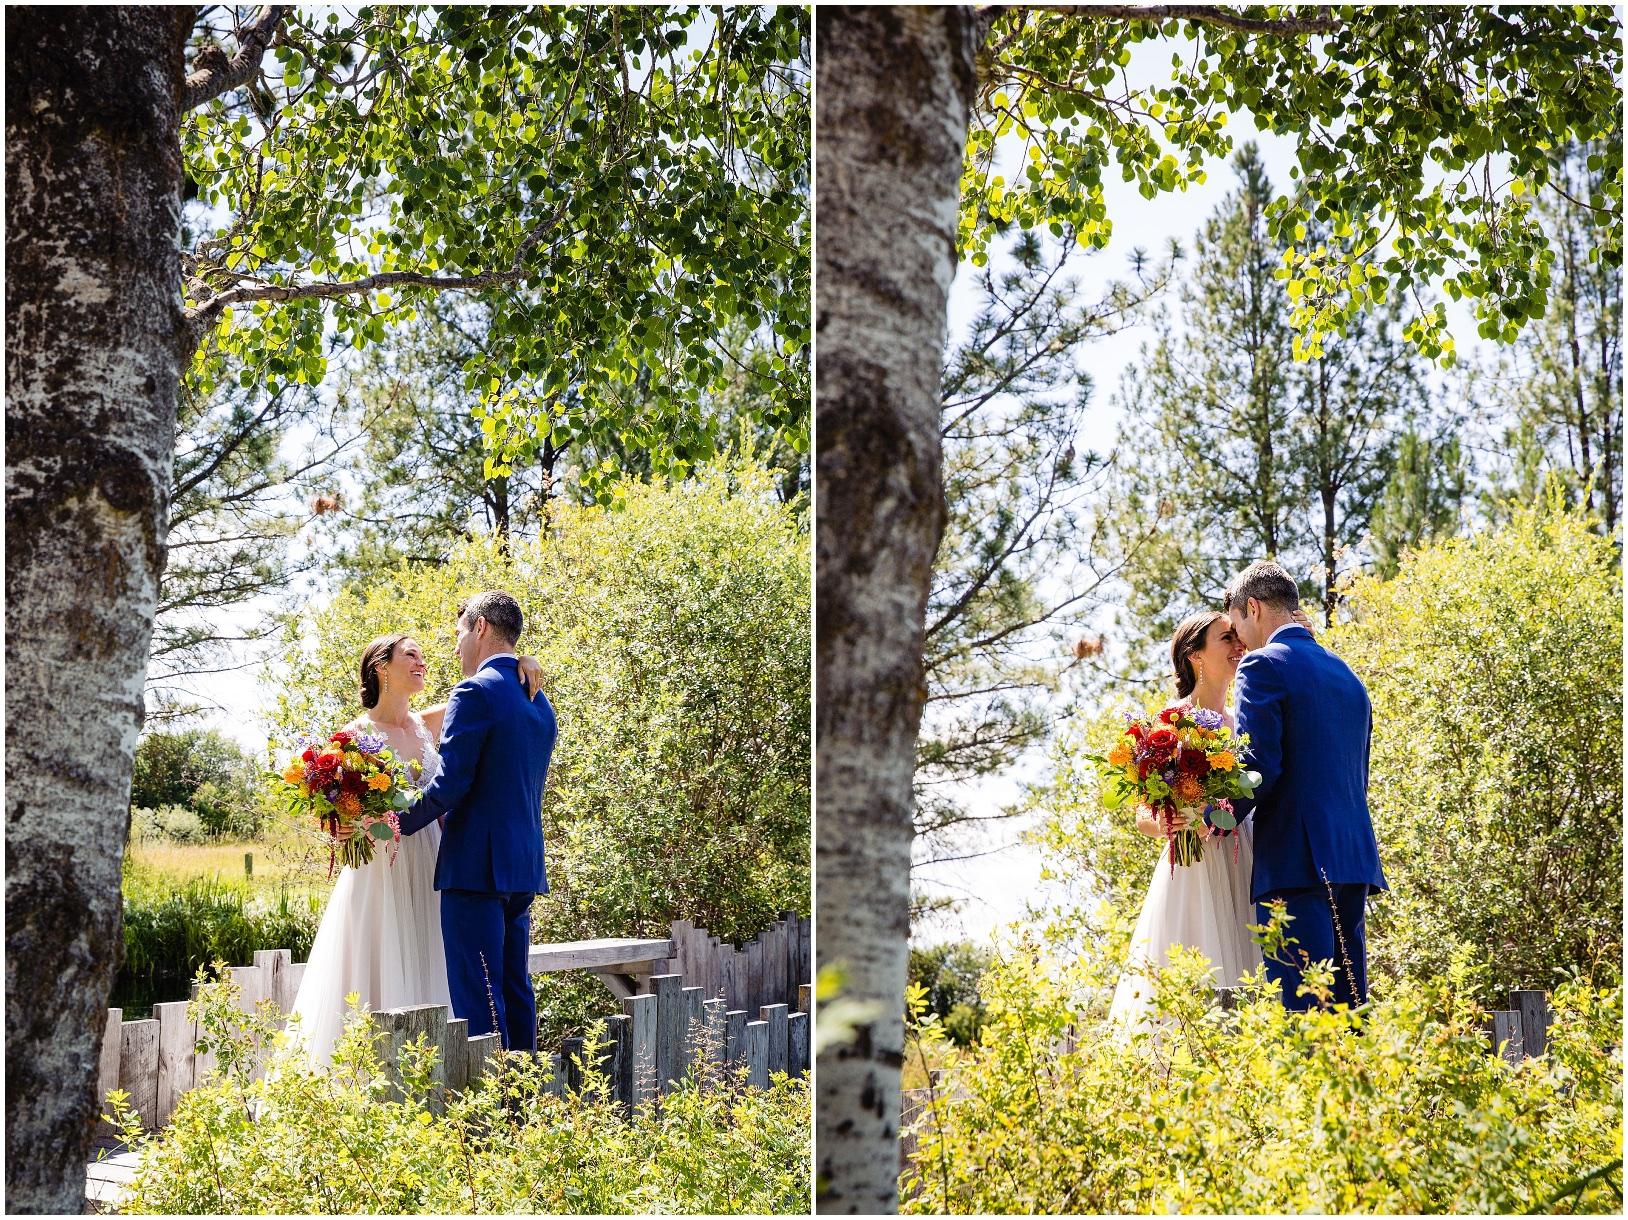 lindseyjane_weddings0036.jpg